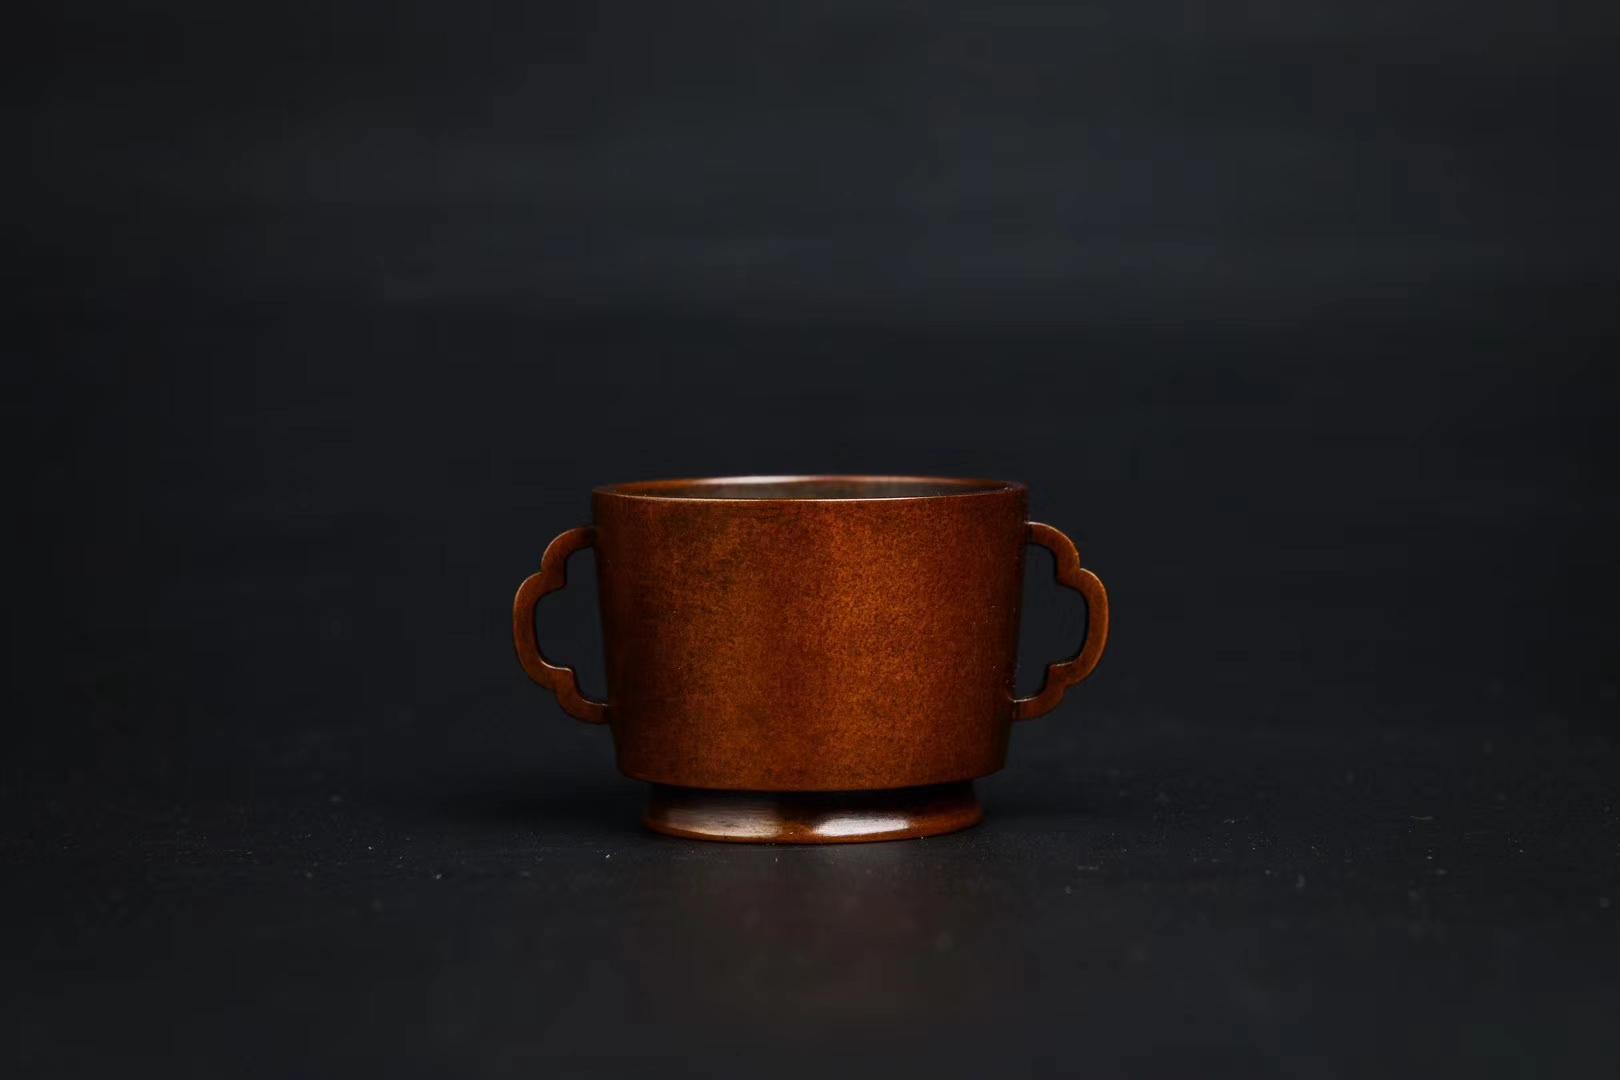 泰山家居艺术品泰山青云艺术品(上海)有限公司:铜炉盘养小方法